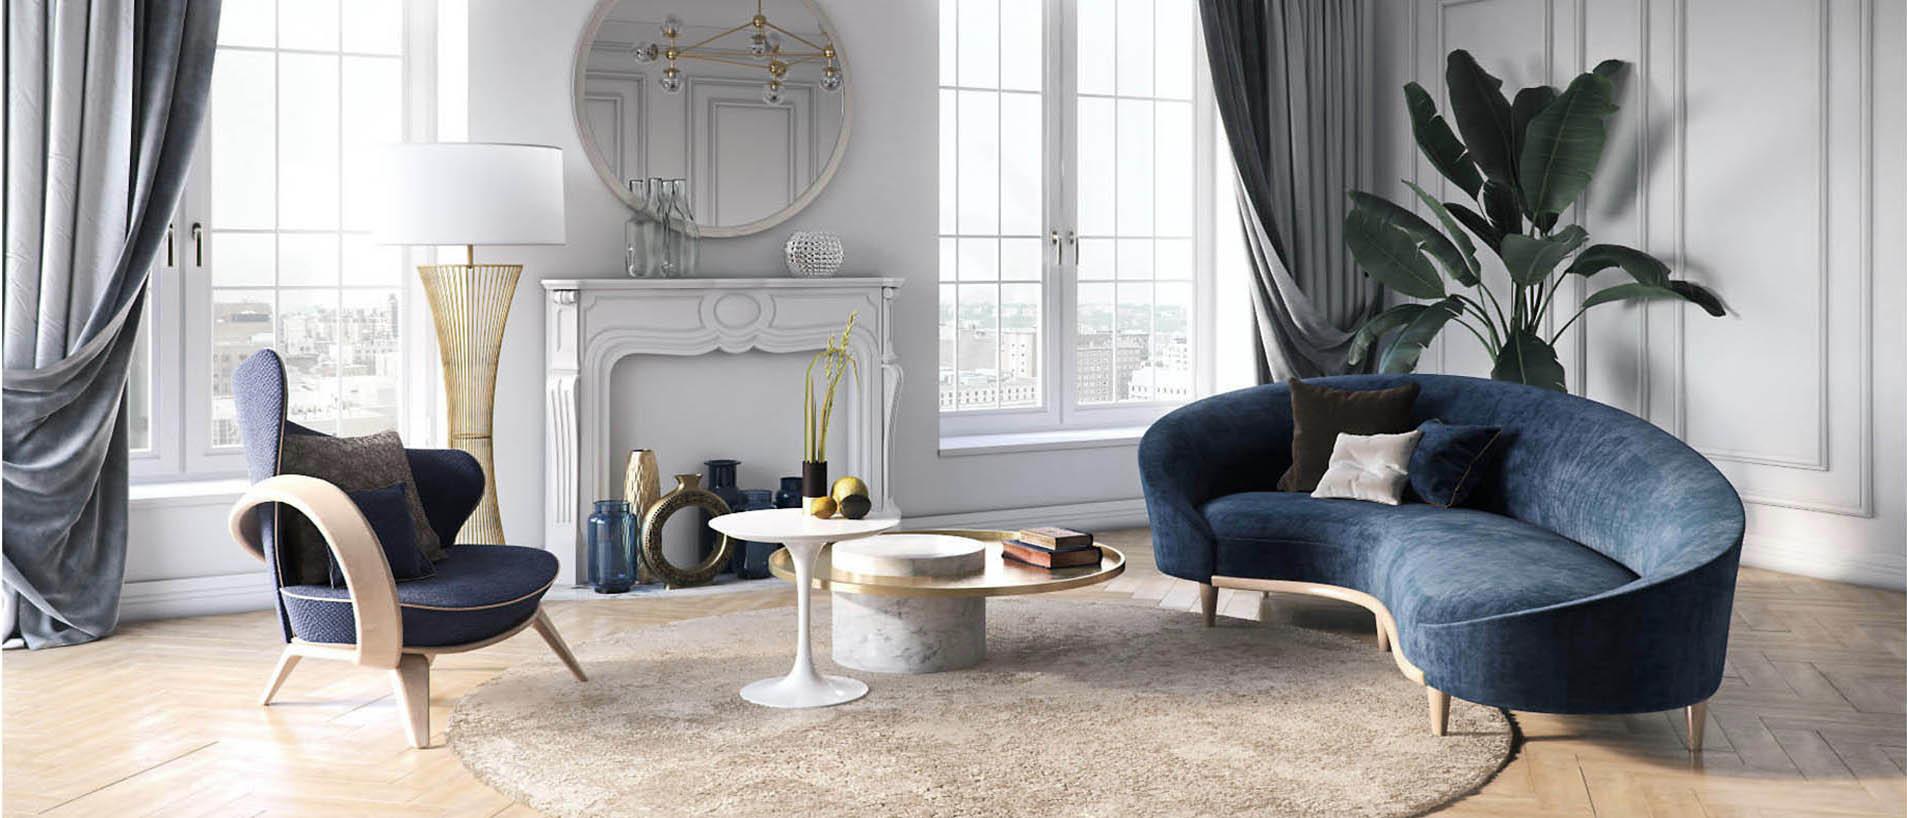 Синий диван и кресло в интерьере гостиной